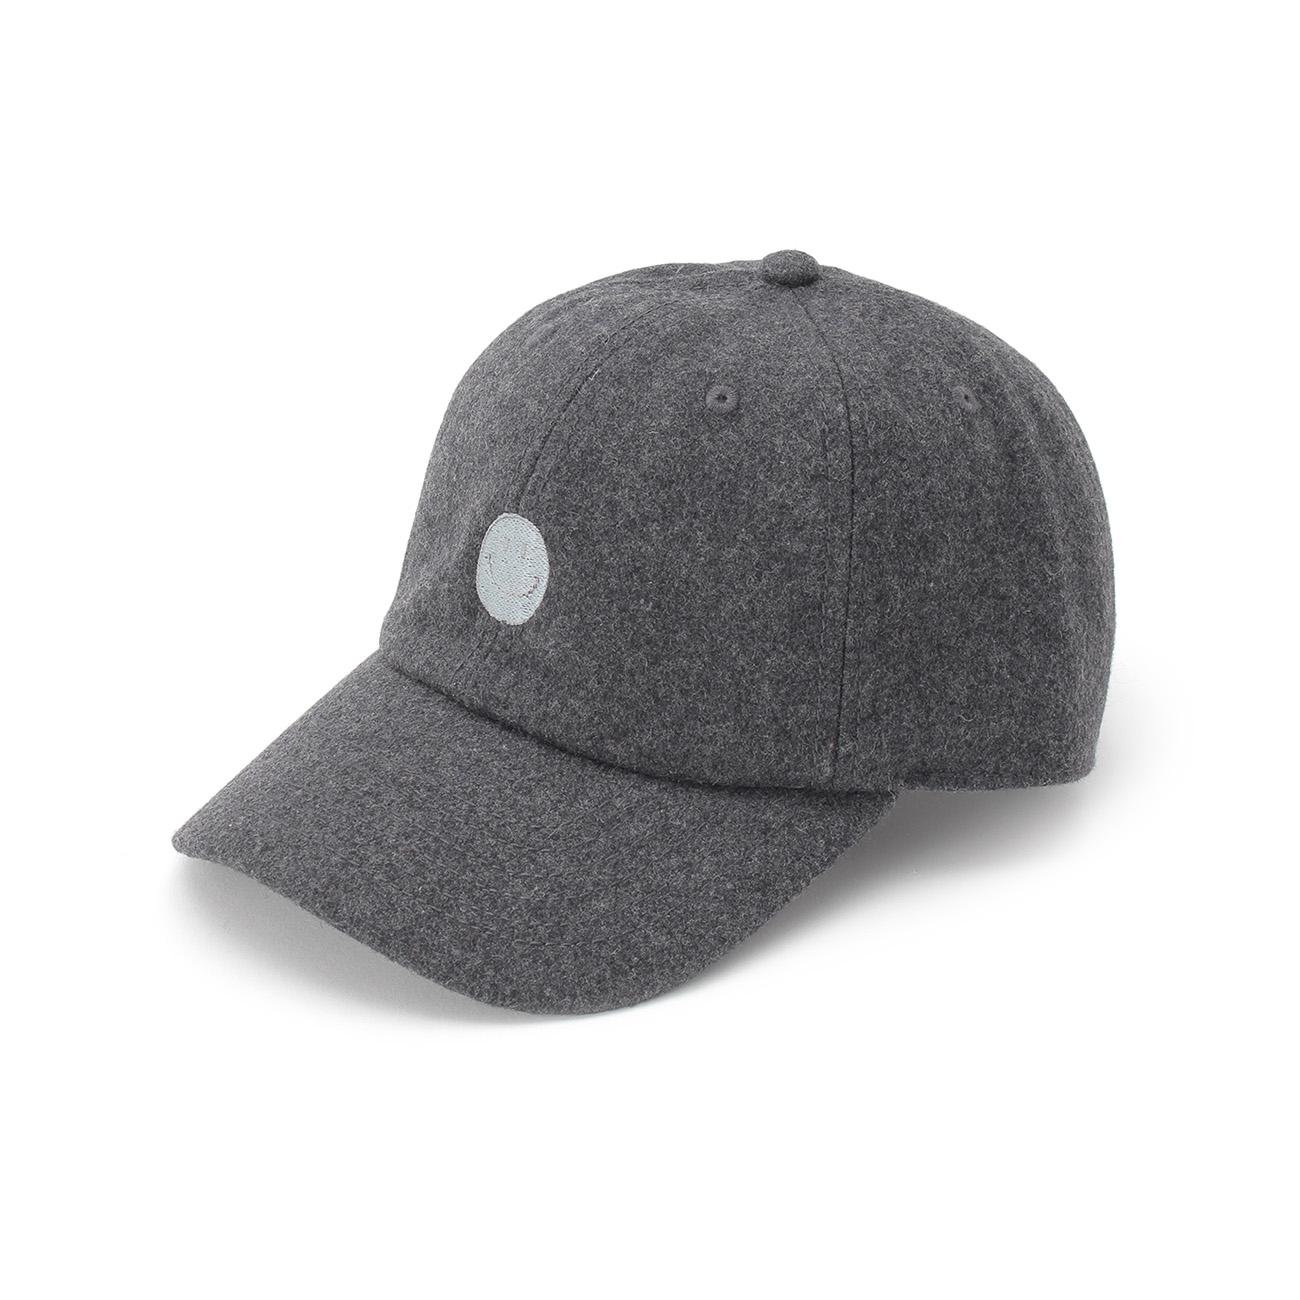 【OPAQUE.CLIP (オペークドットクリップ)】JACKSON MATISSE ウールブレンドキャップレディース 帽子|キャップ チャコールグレー